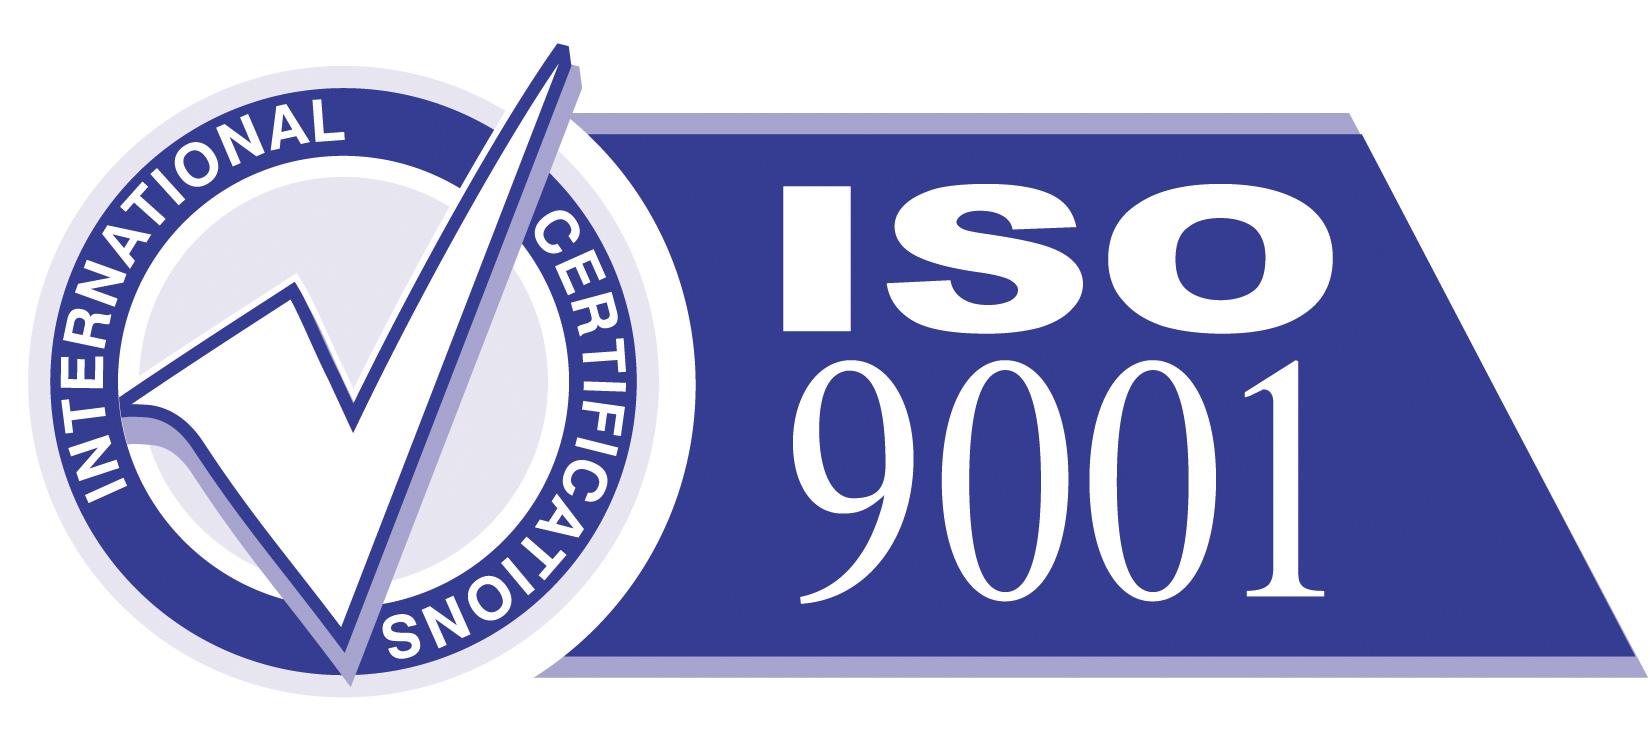 宏伟玻璃获得ISO9001认证证书和ISO14001认证证书